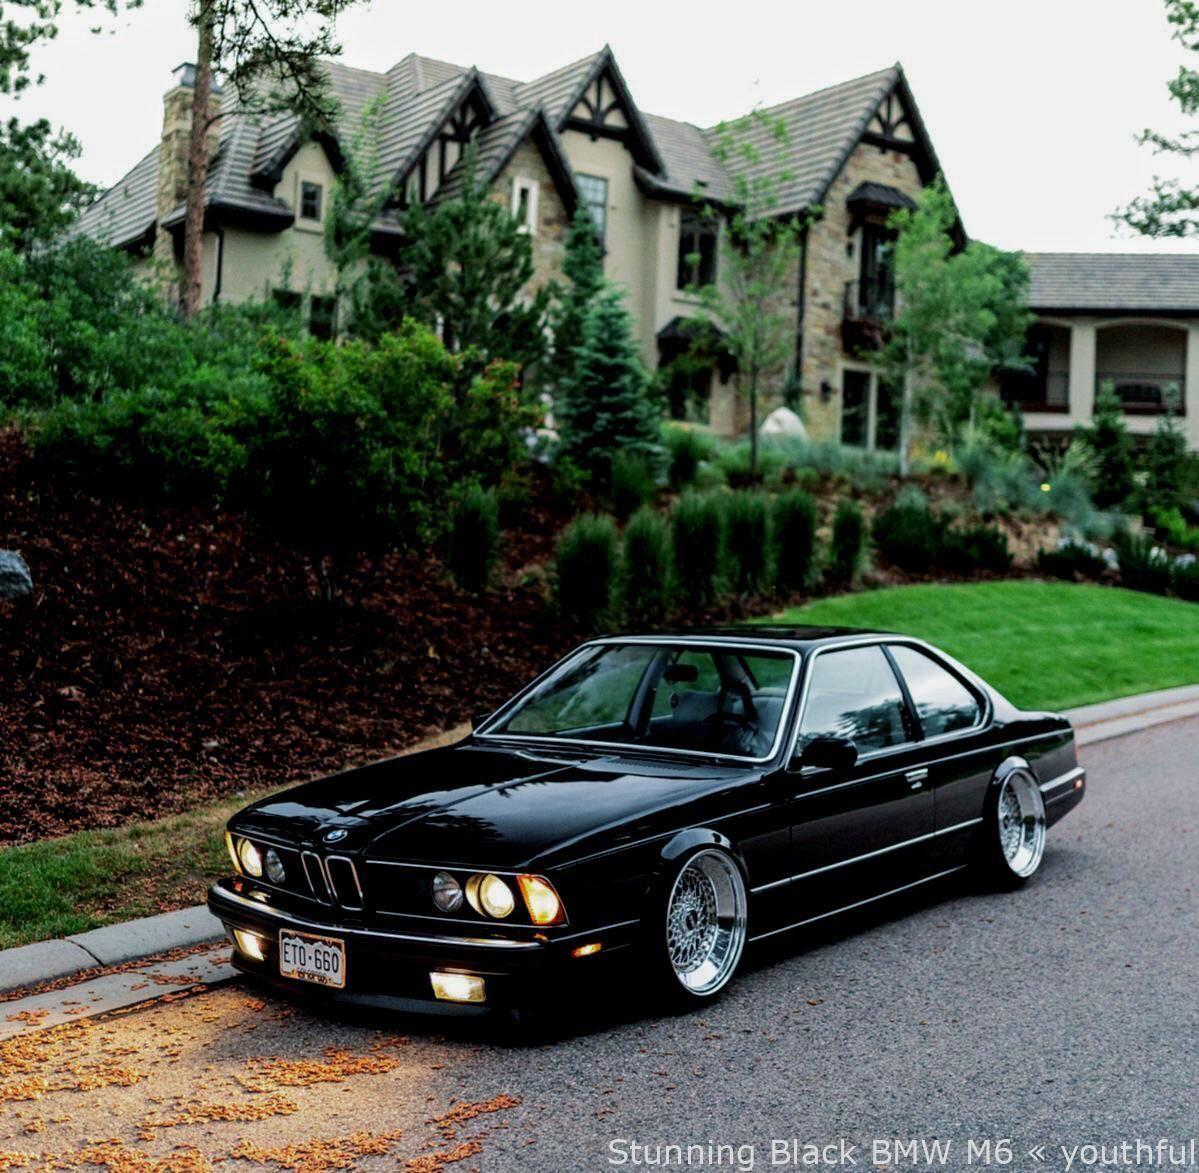 Cars Wunderschöner Schwarzer Bmw M6 Erstaunlich Old Muscle Cars Bmw M6 Bmw Classic Cars Bmw